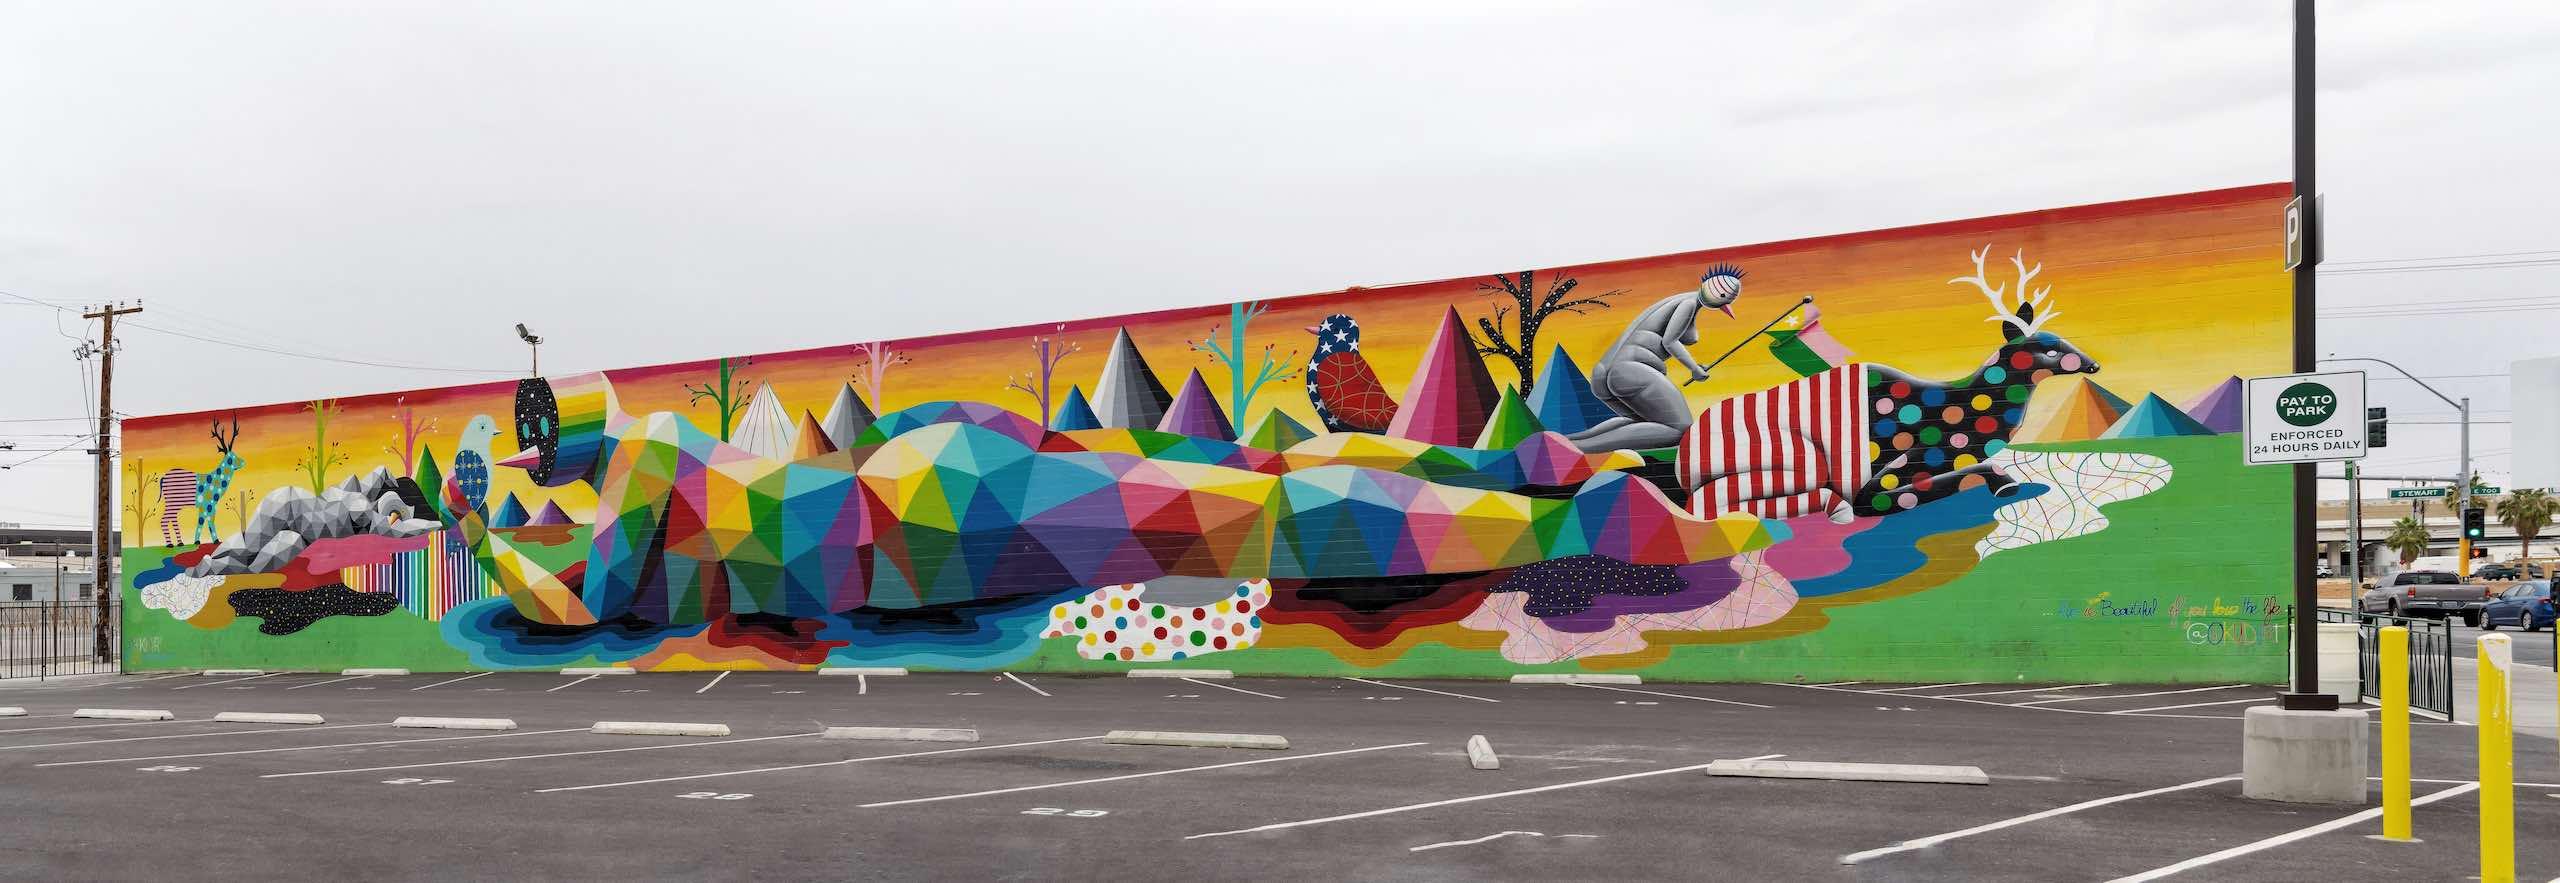 Public Art in Downtown | Photo: Ken Lane